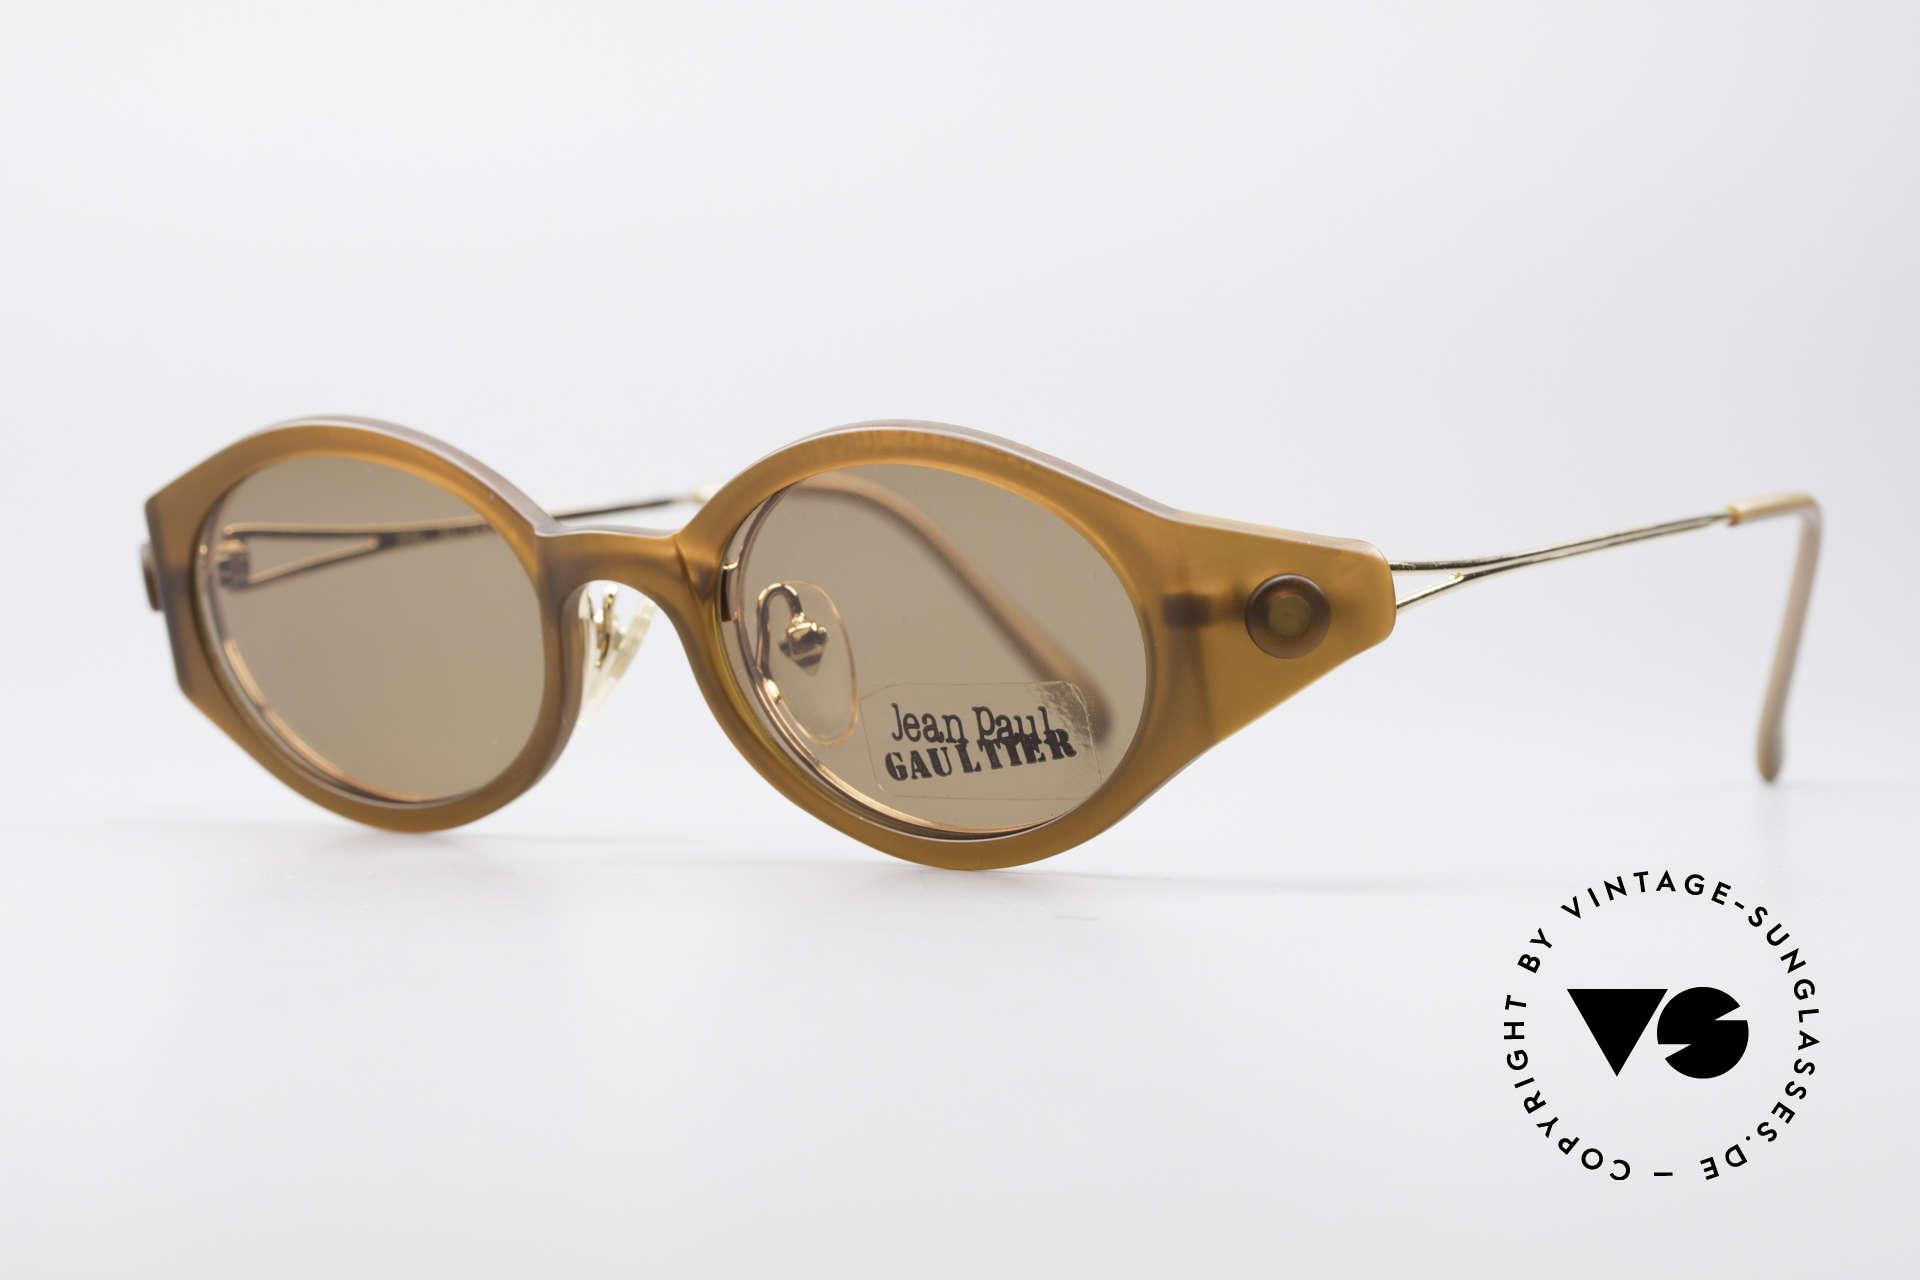 Jean Paul Gaultier 56-7202 Ovale Brille mit Sonnenclip, Top-Verarbeitung aus den frühen 90ern (made in Japan), Passend für Herren und Damen